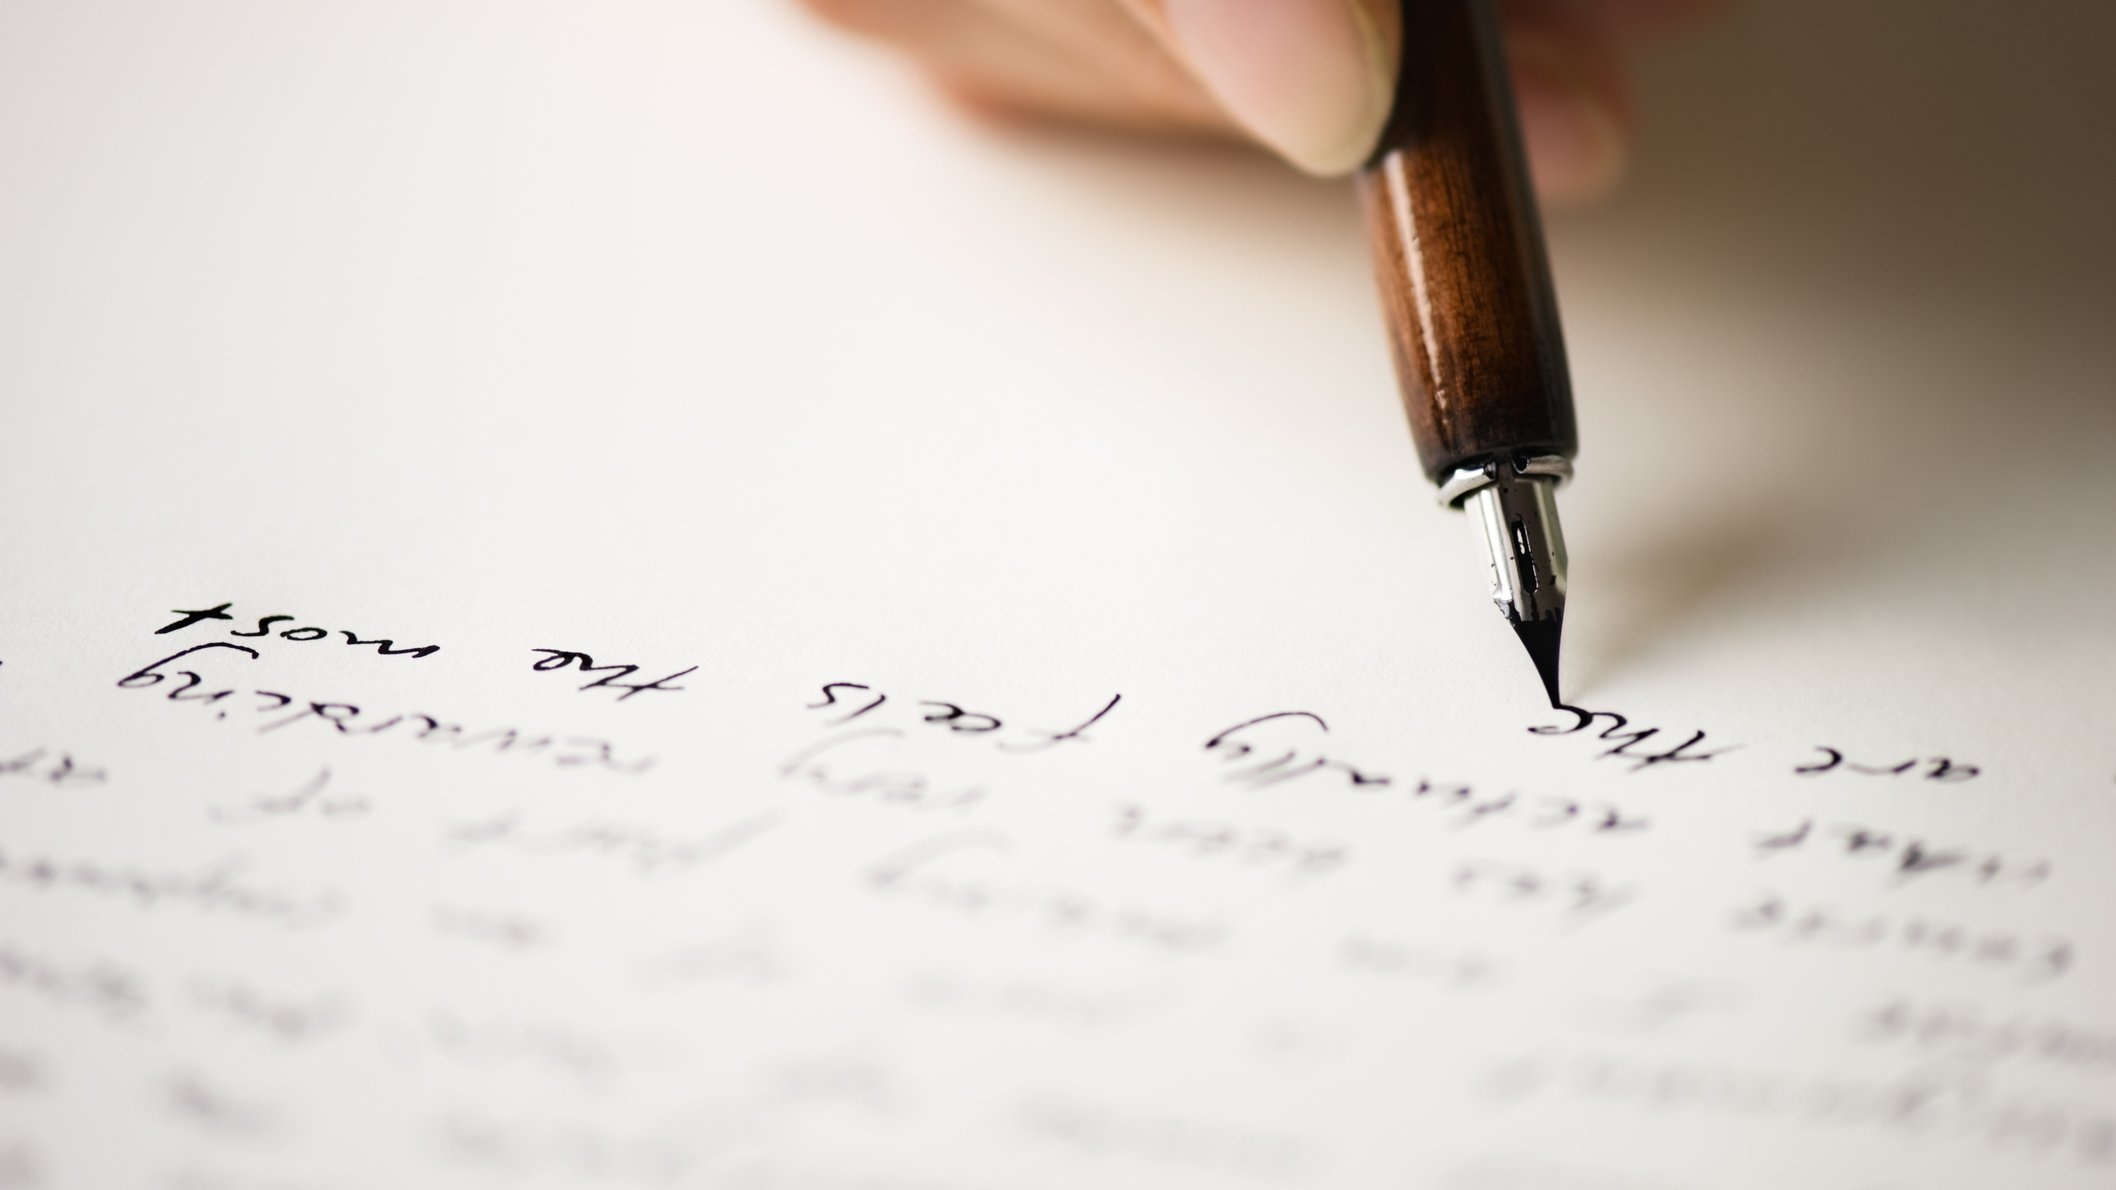 Kortprosa er korte fortællende tekster, som er støvsuget for detaljerede beskrivelser.